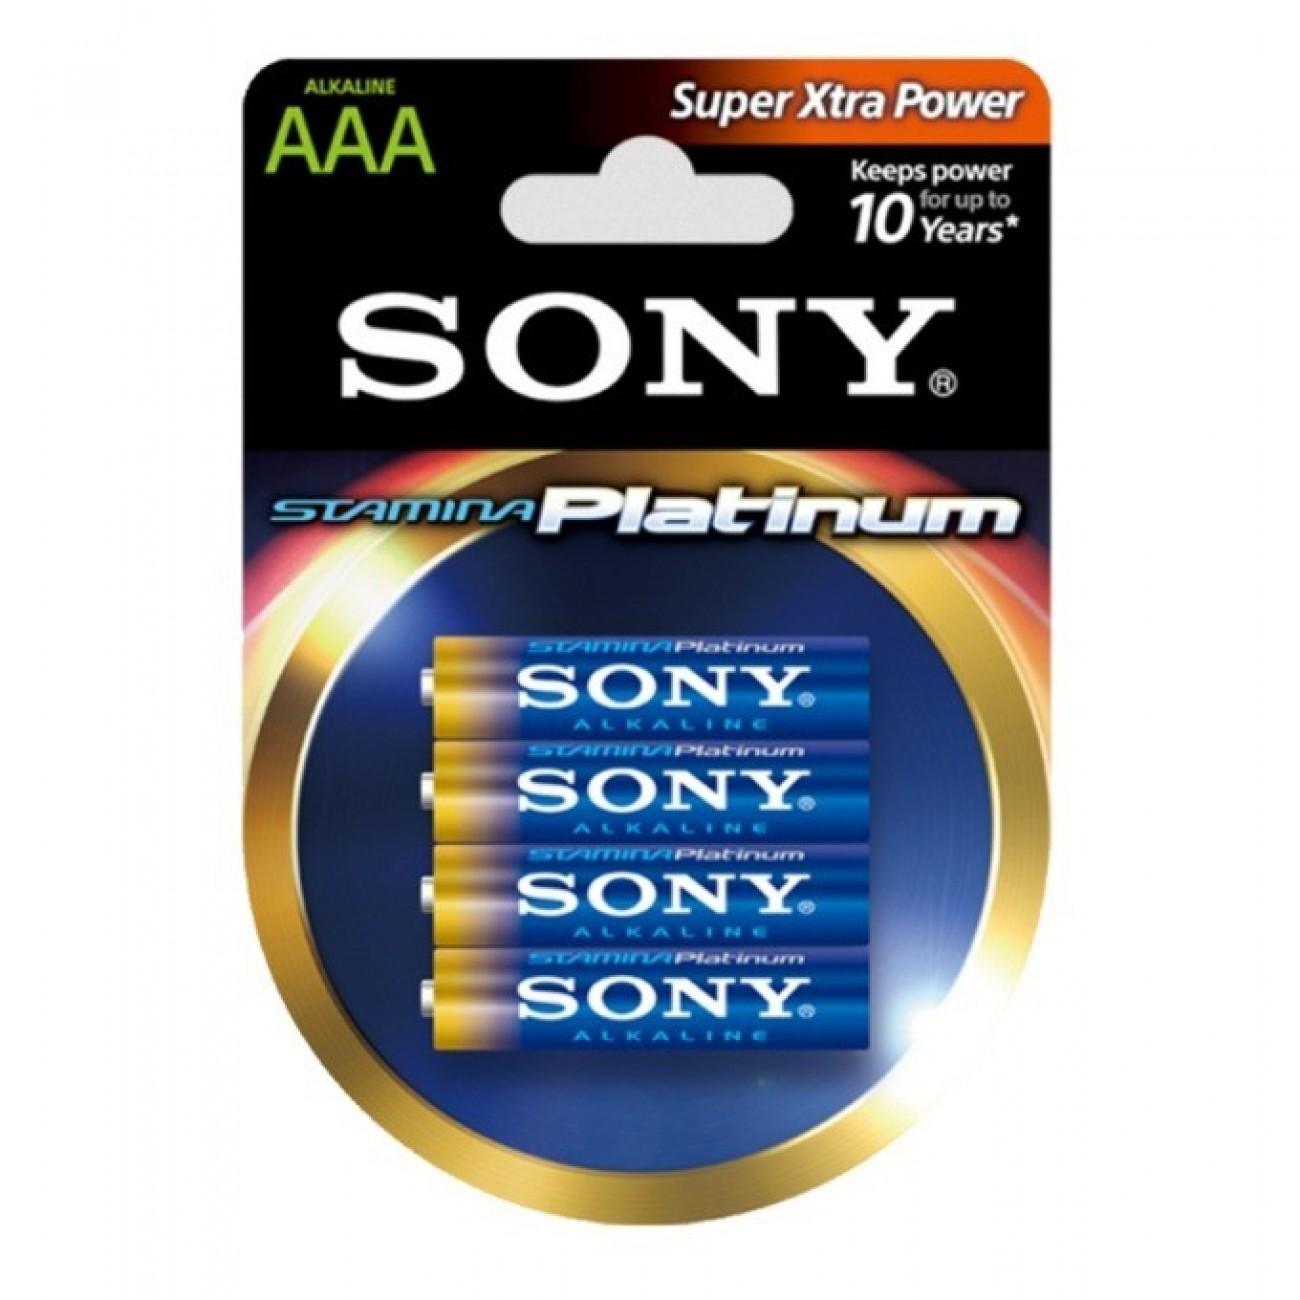 Батерия алкална Sony AM4PTB4D R03 Stamina Platinum, 1.5V, 4бр. в Стандартни Еднократни батерии -  | Alleop